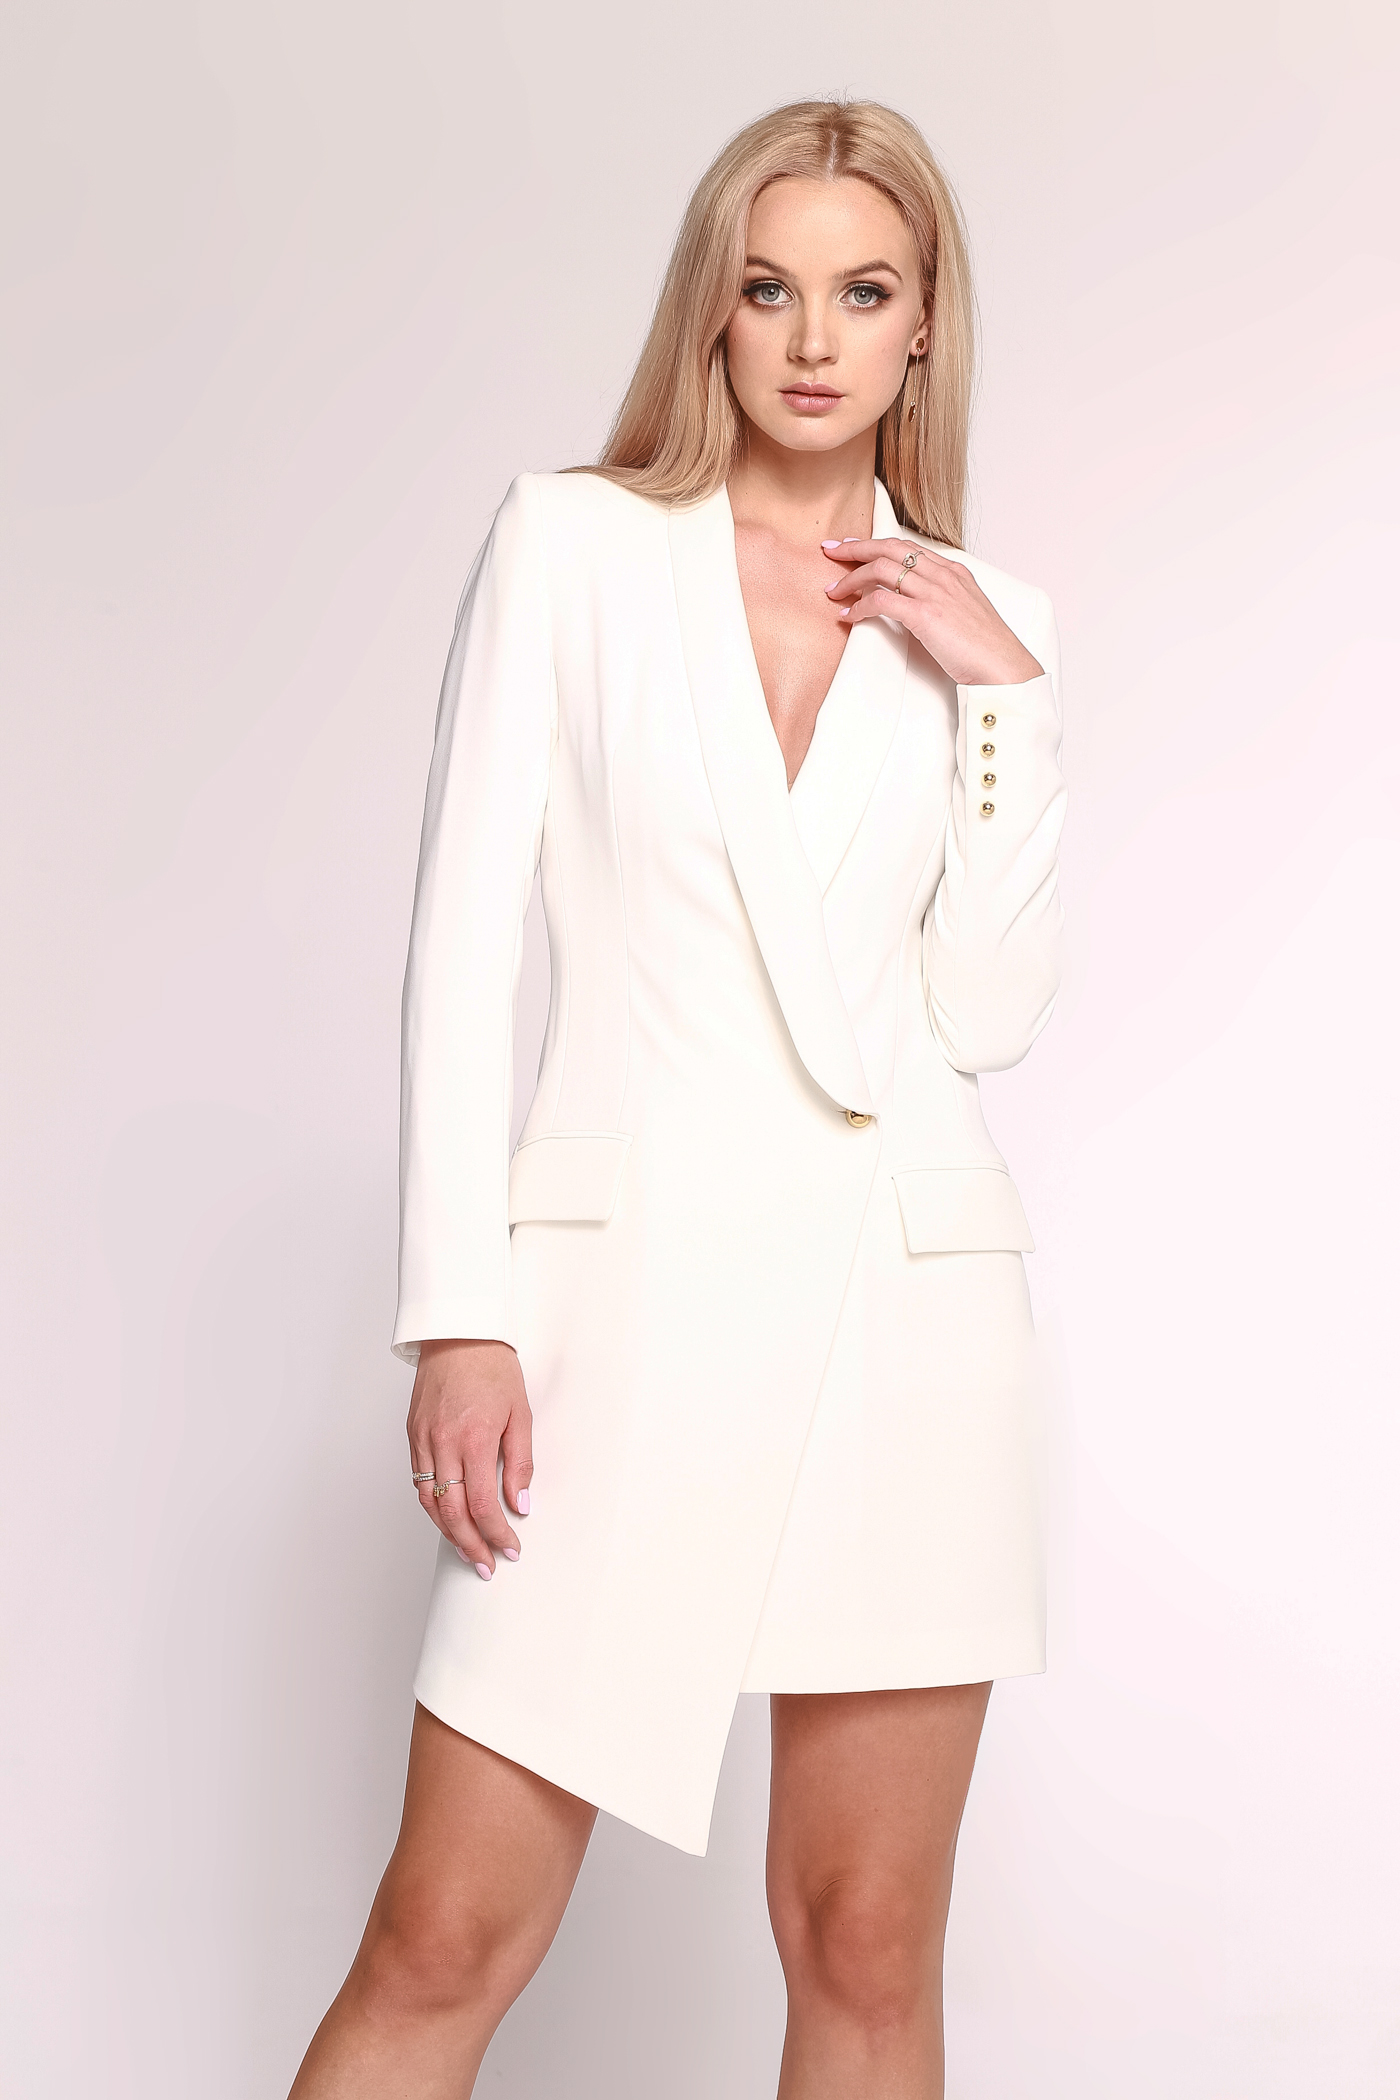 Biała Sukienka O Kroju Marynarki Blanca By Swing